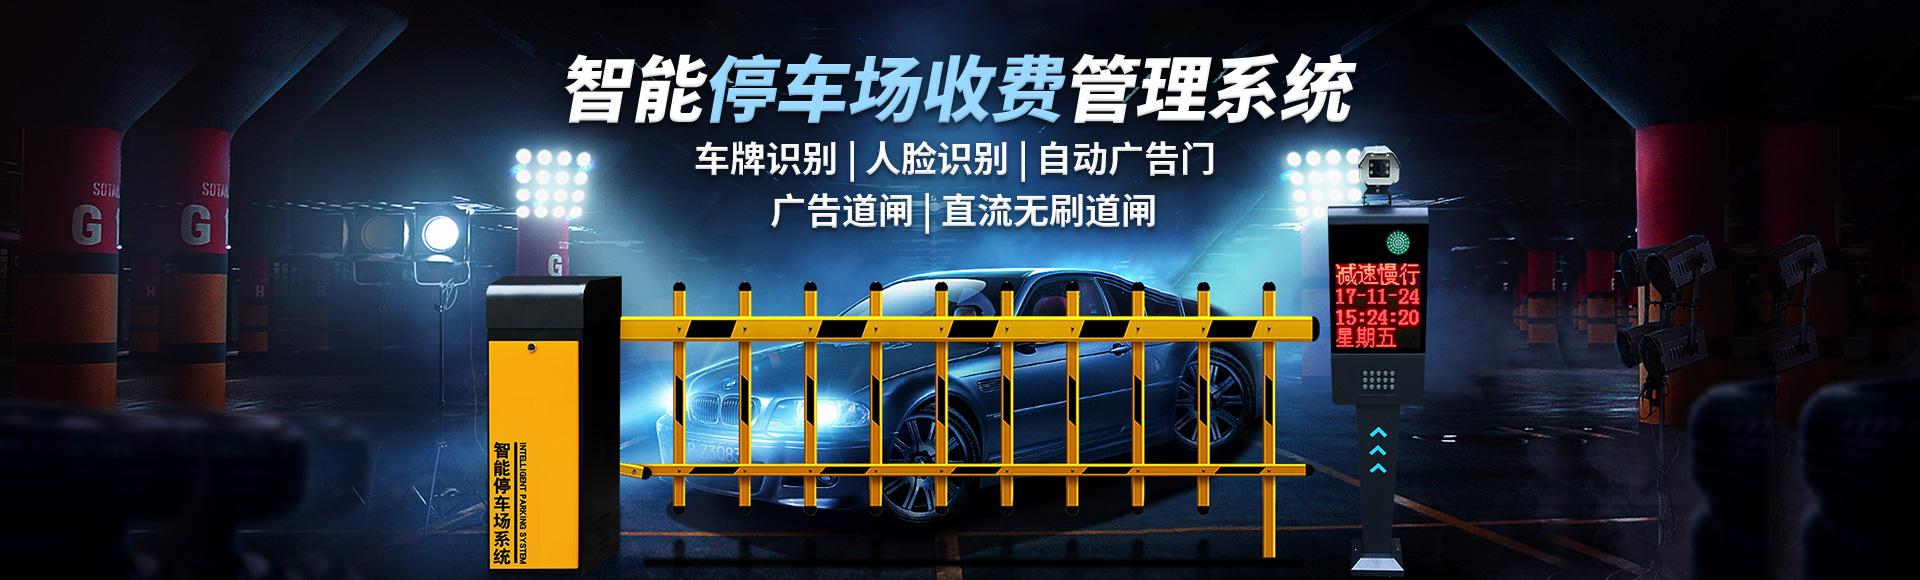 重庆停车识别系统